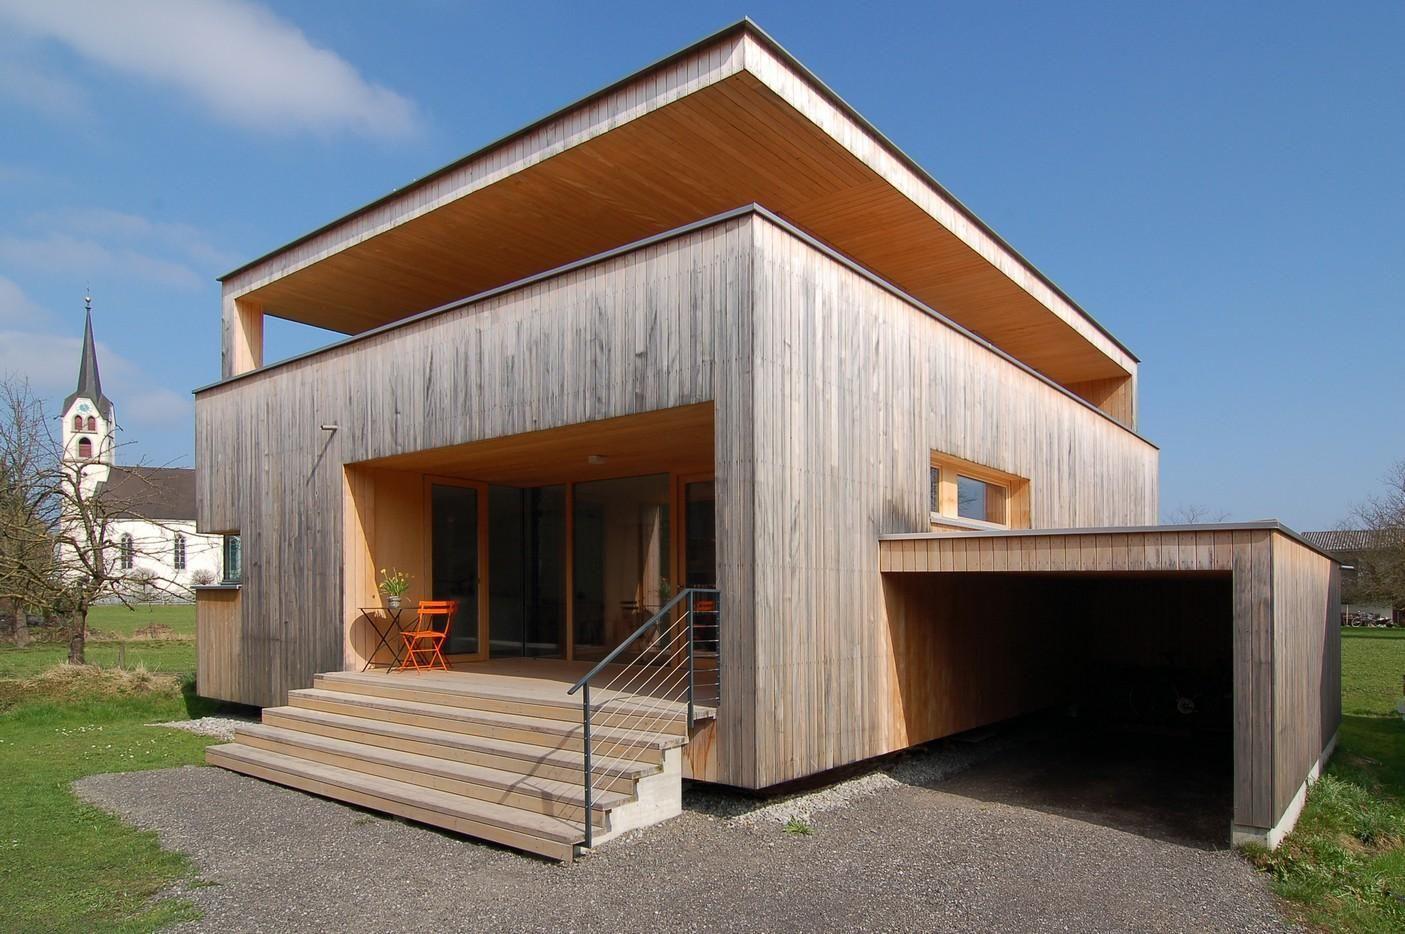 einfamilienhaus in gaissau by k_m architektur - Gaissau, Austria ...